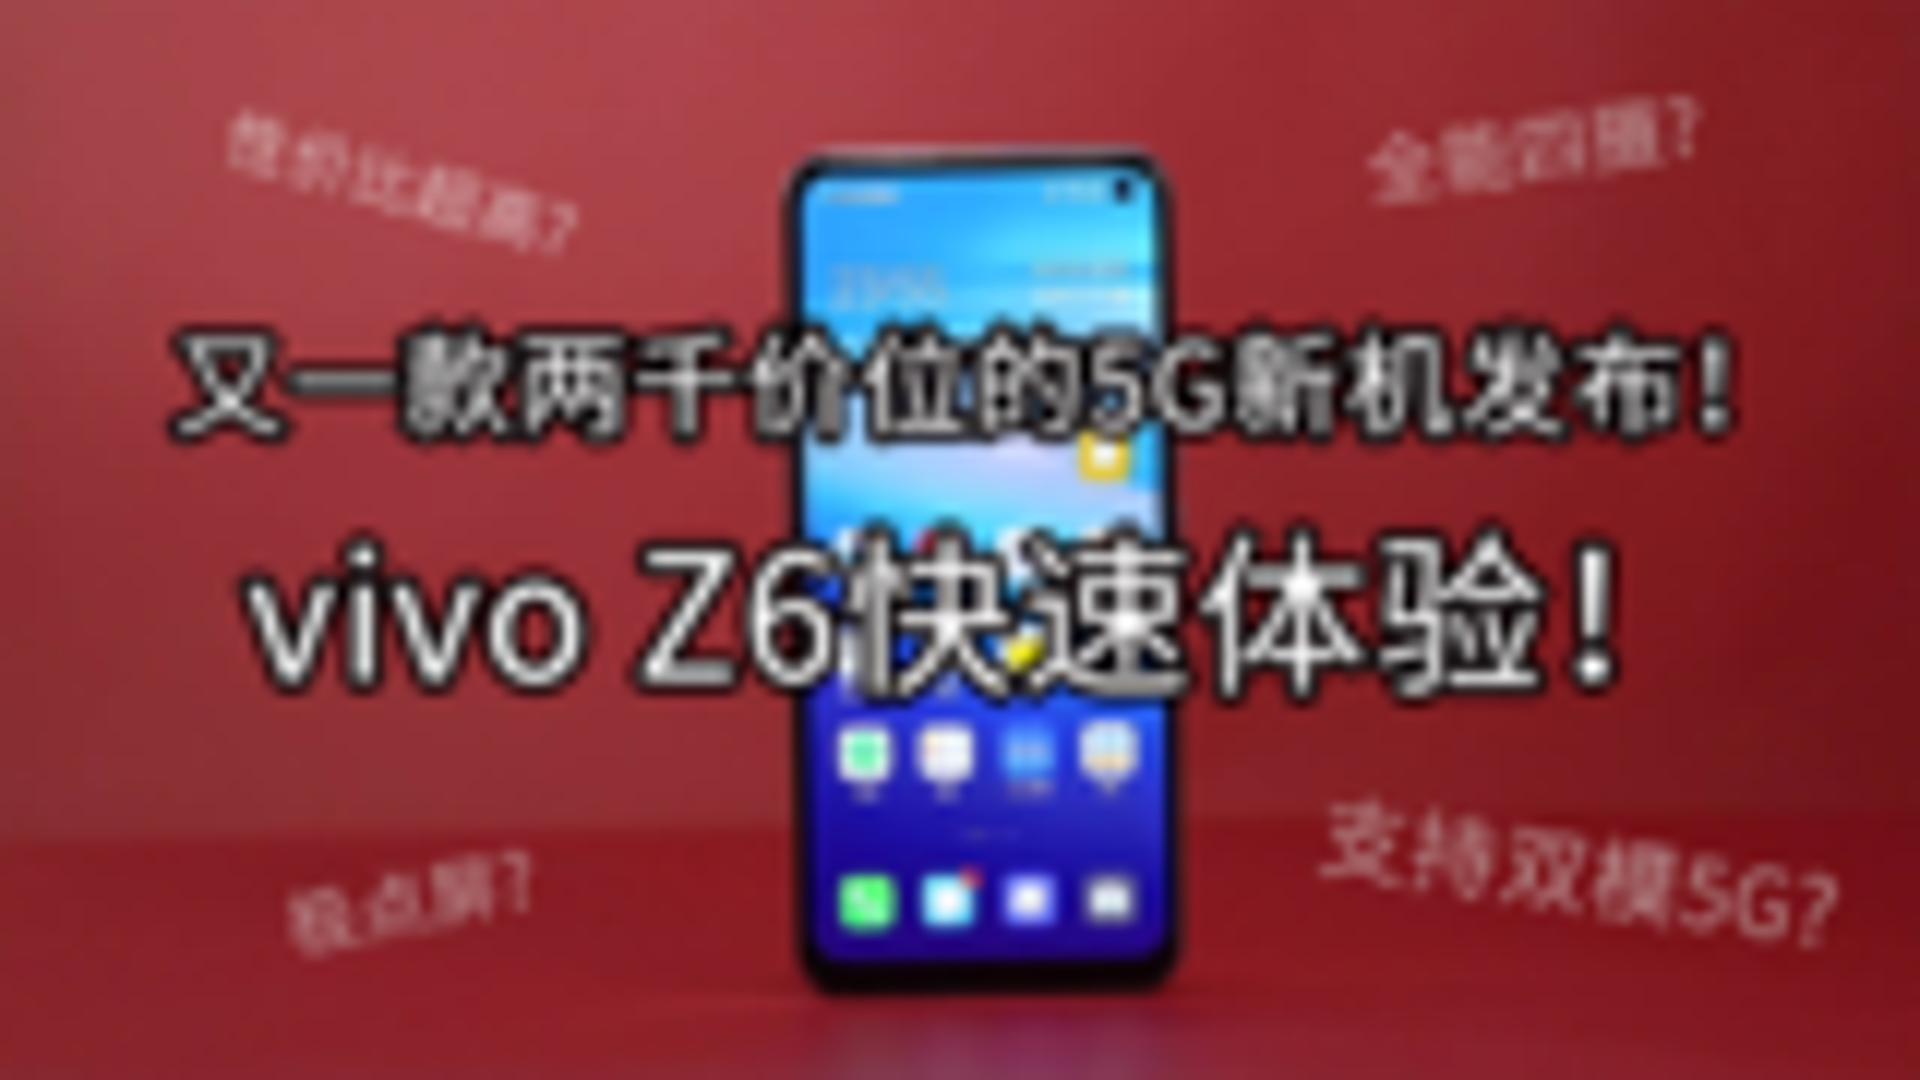 又一款两千价位的5G新机发布!vivo Z6快速体验!